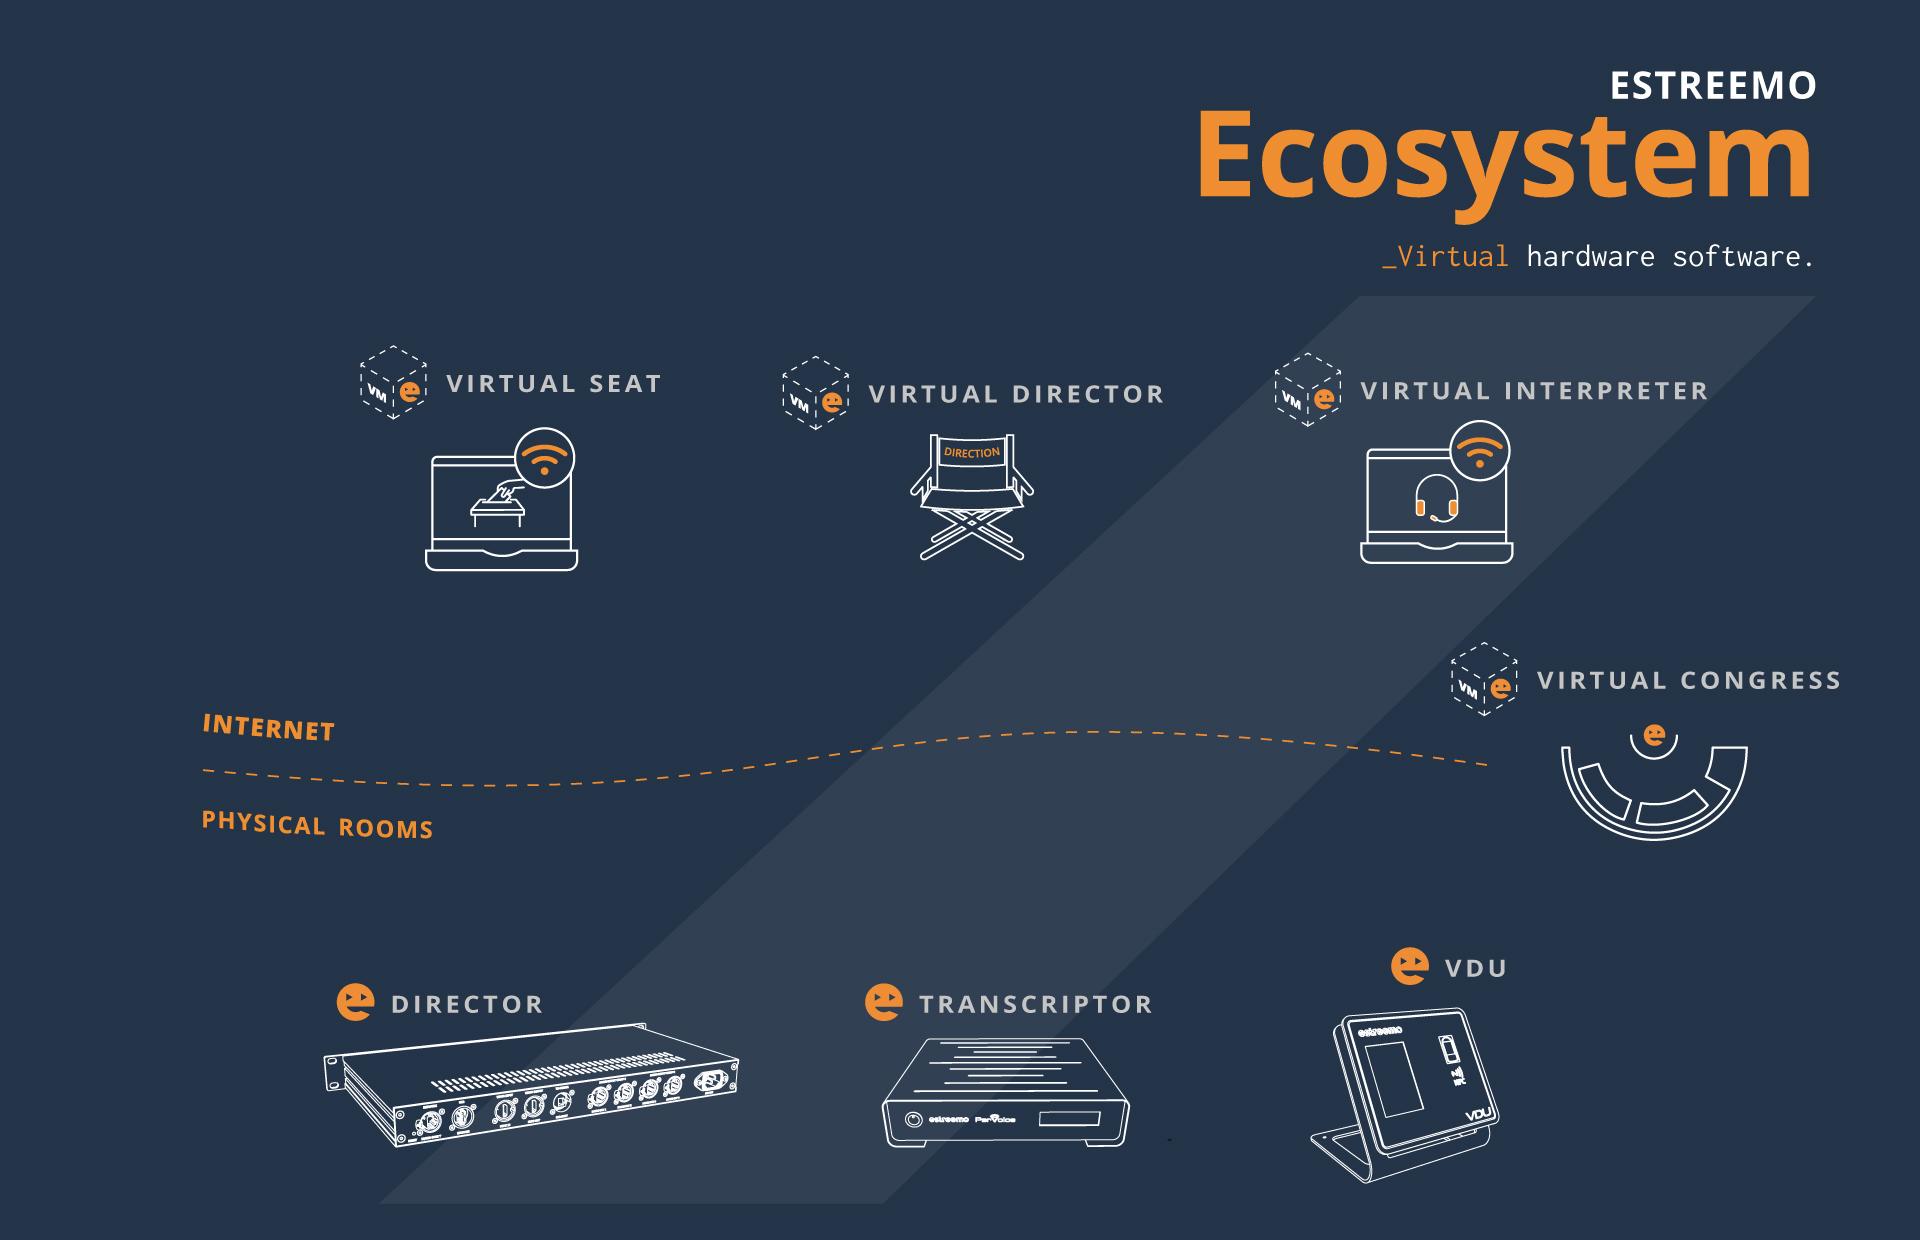 Here is Estreemo Ecosystem